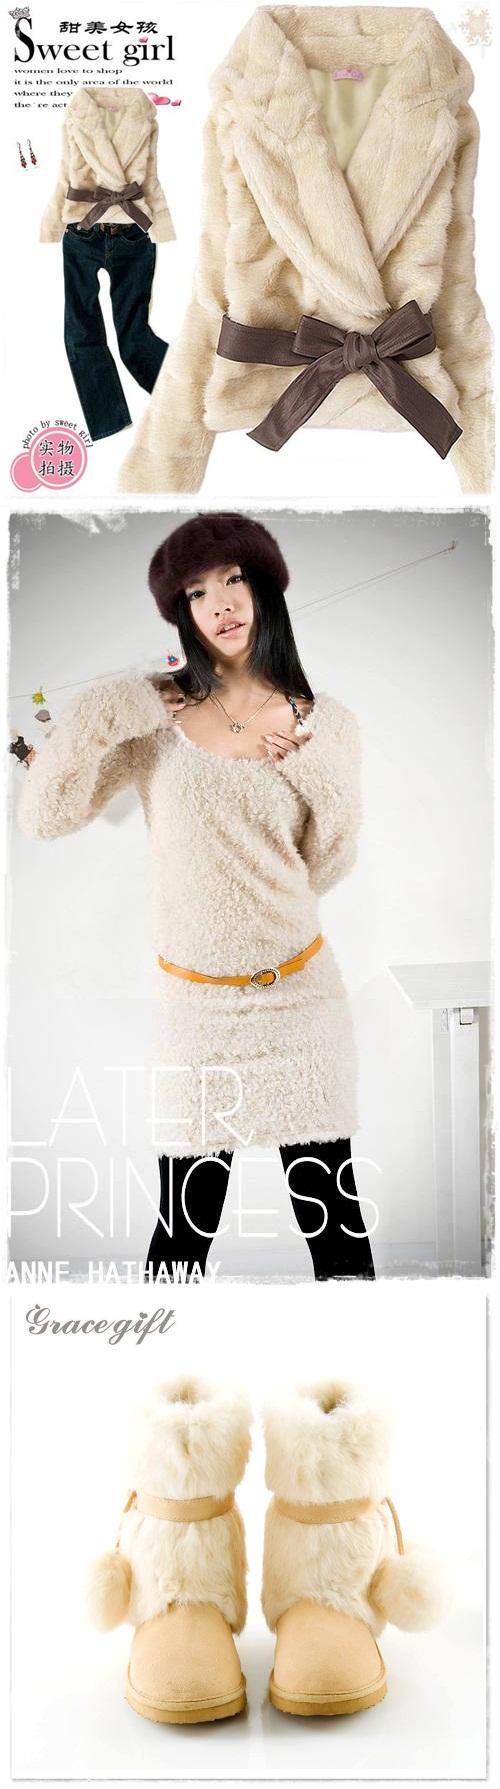 japon style sweet girl tavşan kürklü deri kemerli mont yün elbise tunik ponponlu ugg tarzı kuzu derisi kar botu